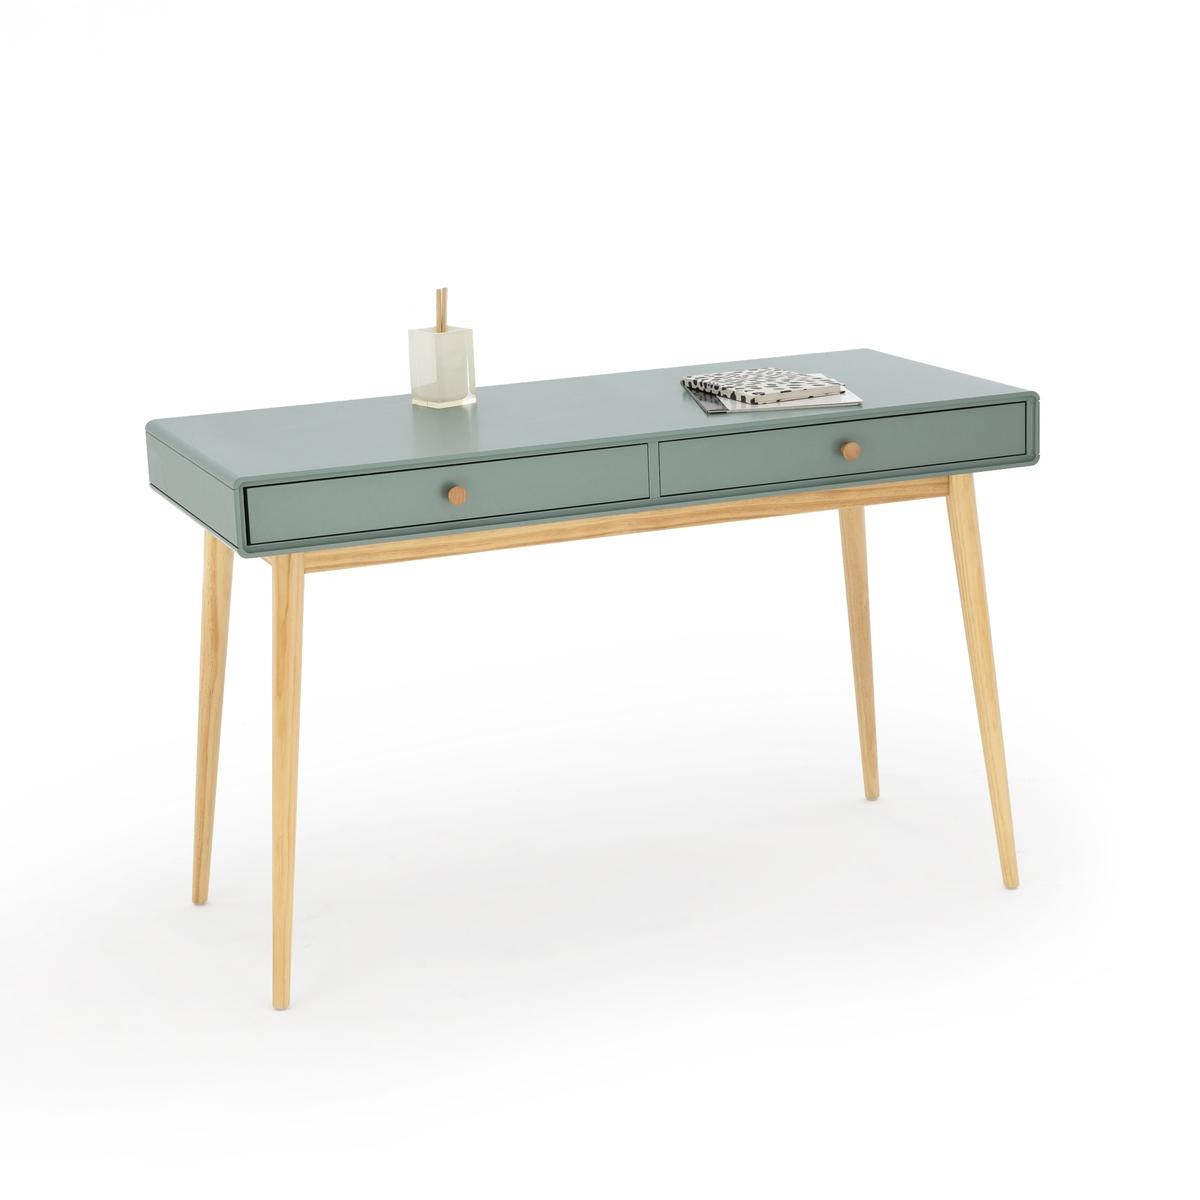 Стол La Redoute Письменный с ящиками JIMI единый размер зеленый стол обеденный на 6 персон jimi